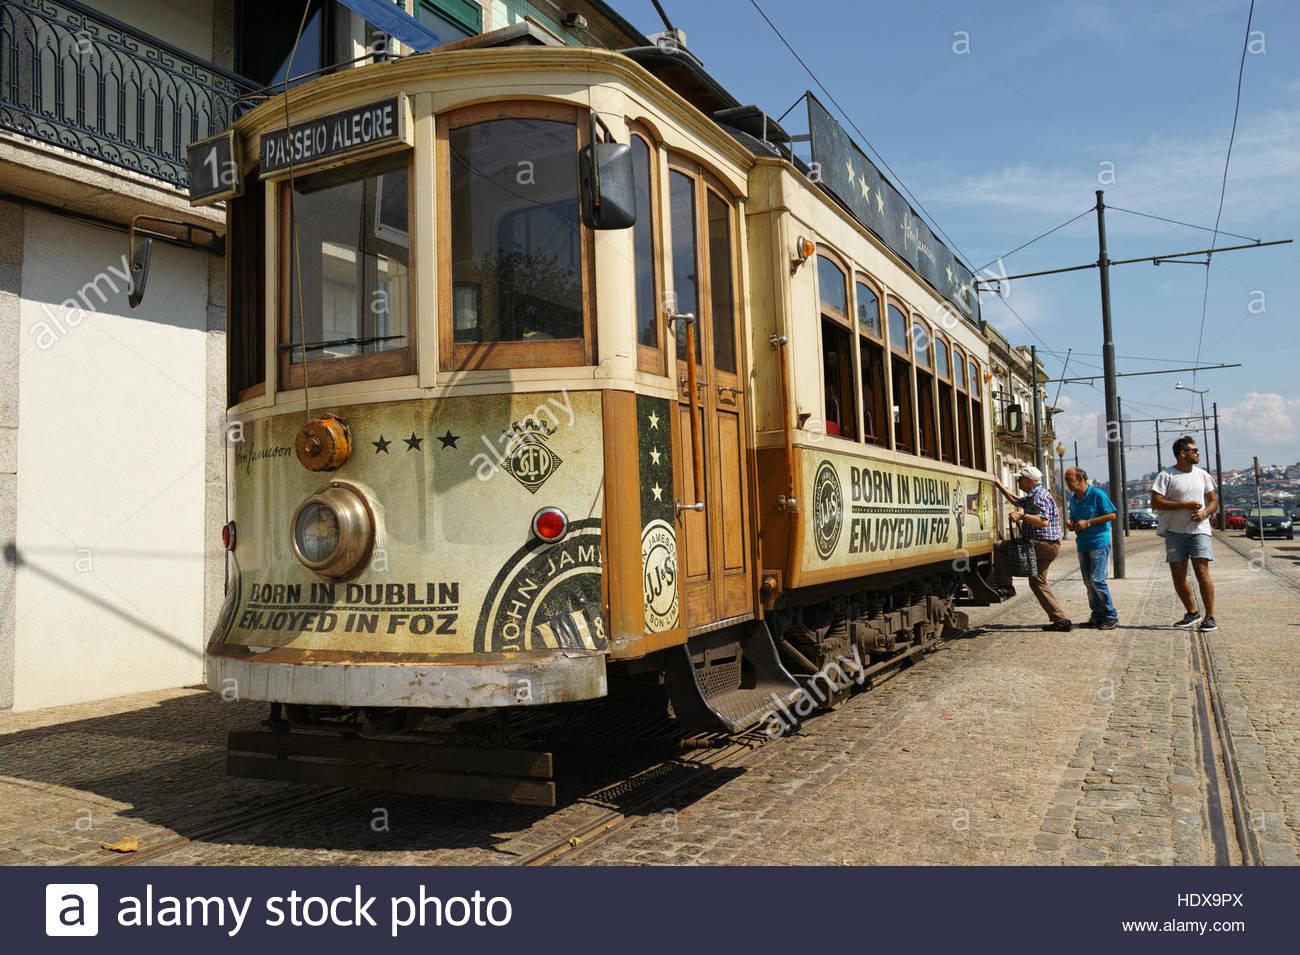 People boarding tram 1 at Passeio Allegre the stop for Foz do Douro: Porto, Portugal. - Stock Image